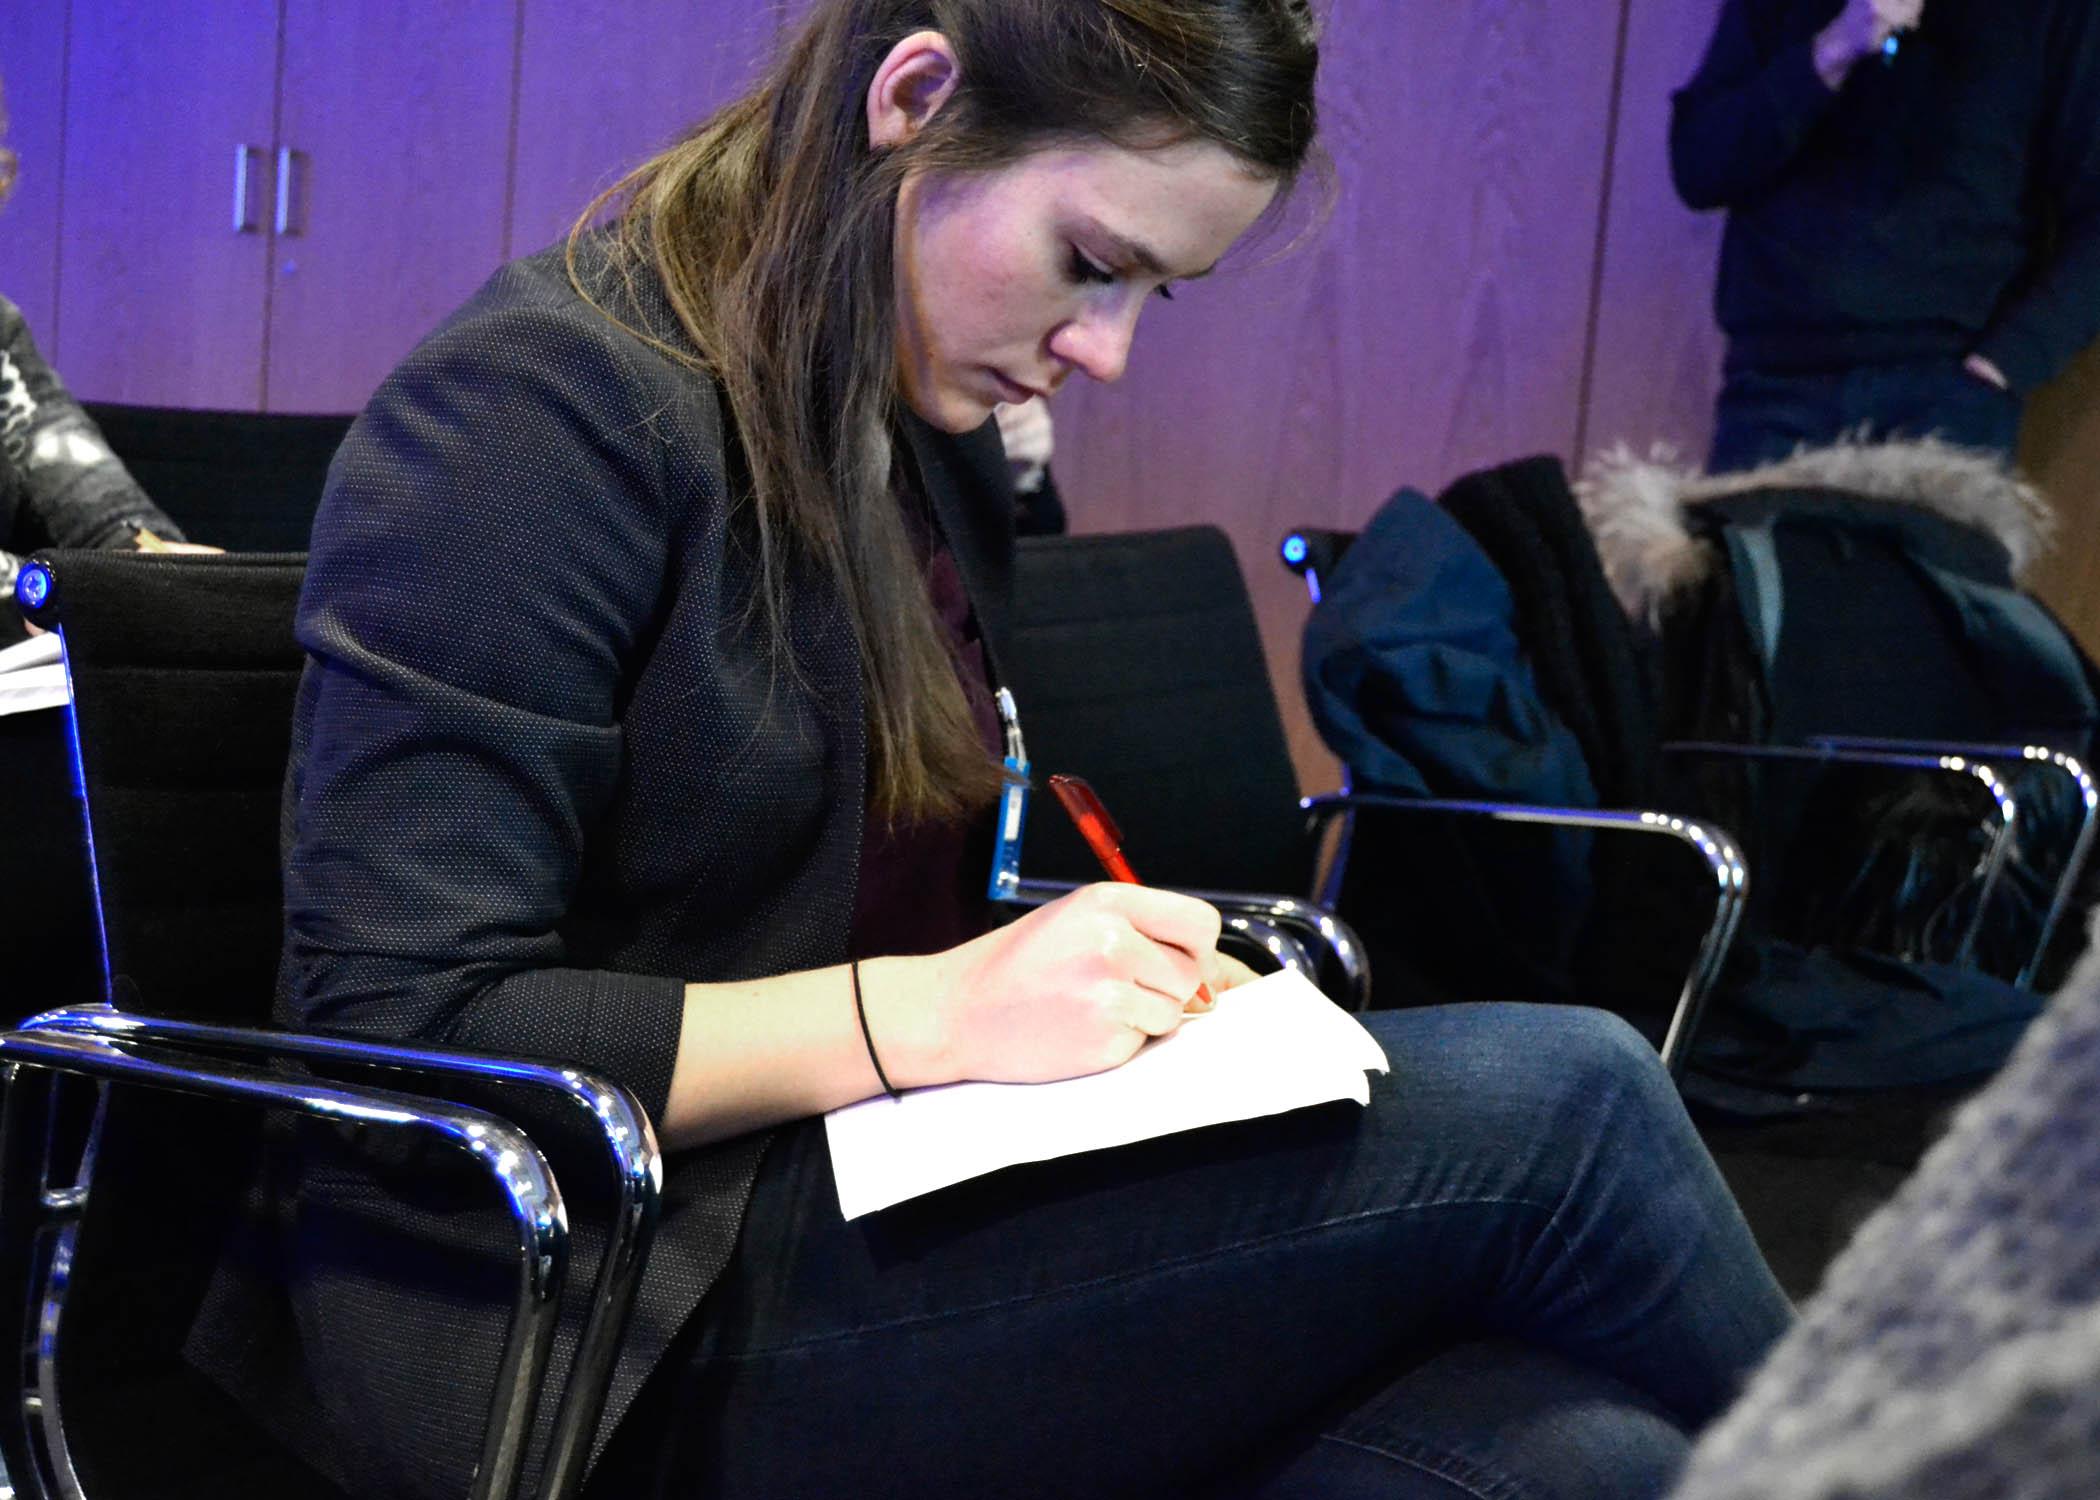 Im Publikum mit dabei: die Wissenschaftliche Mitarbeiterin des Fachbereichs Journalismus und Kommunikation der HMKW Köln, Johanna Wergen.